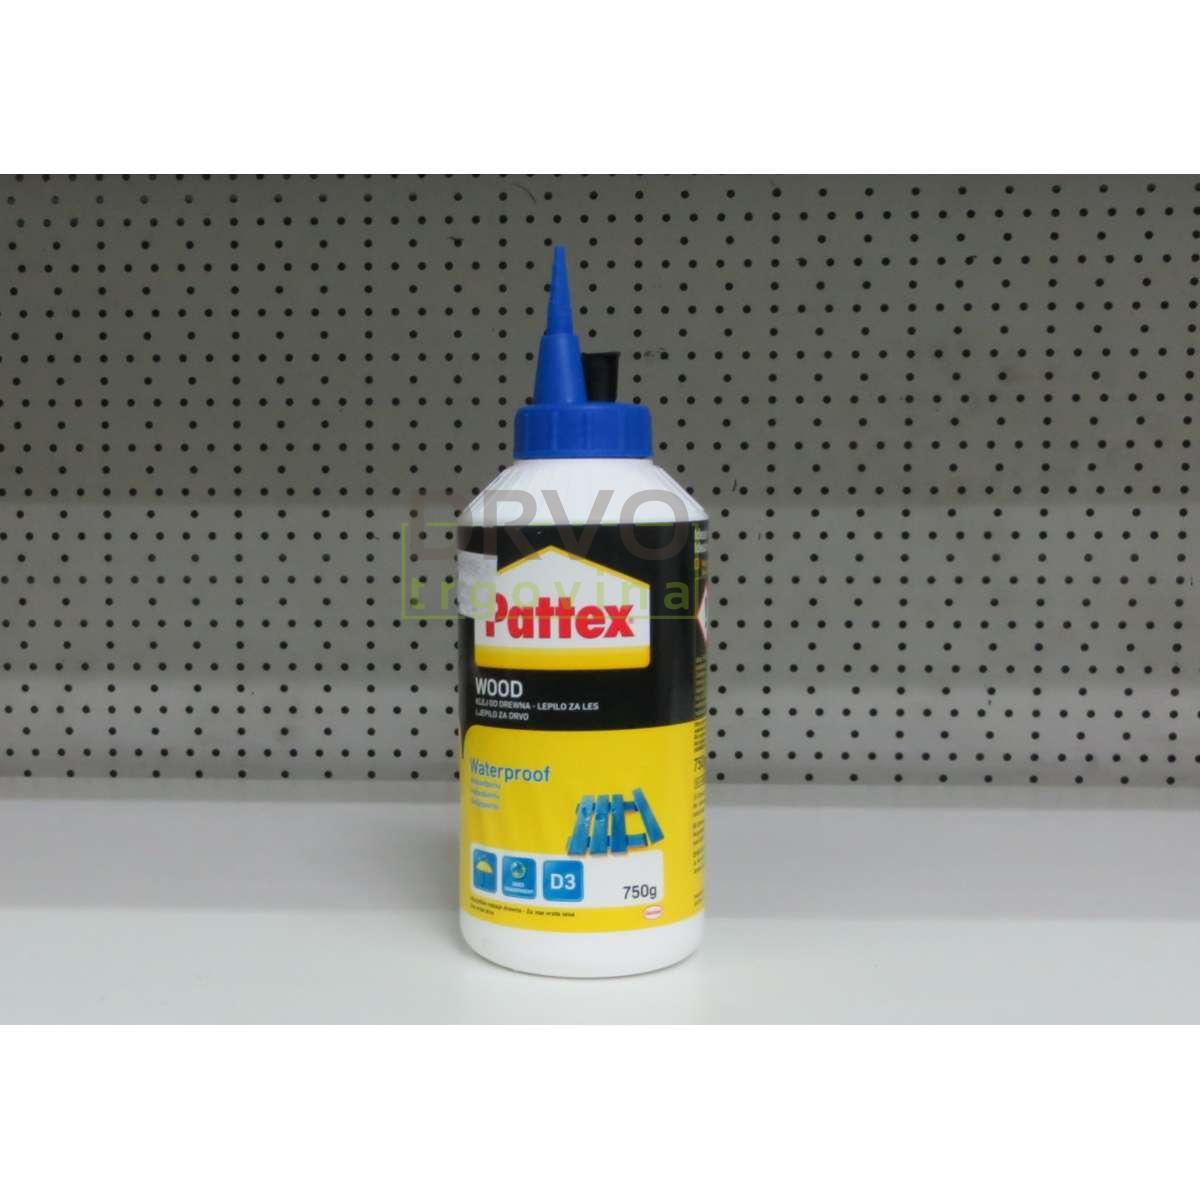 PATTEX LJEPILO SUPER 3 750g 1062442